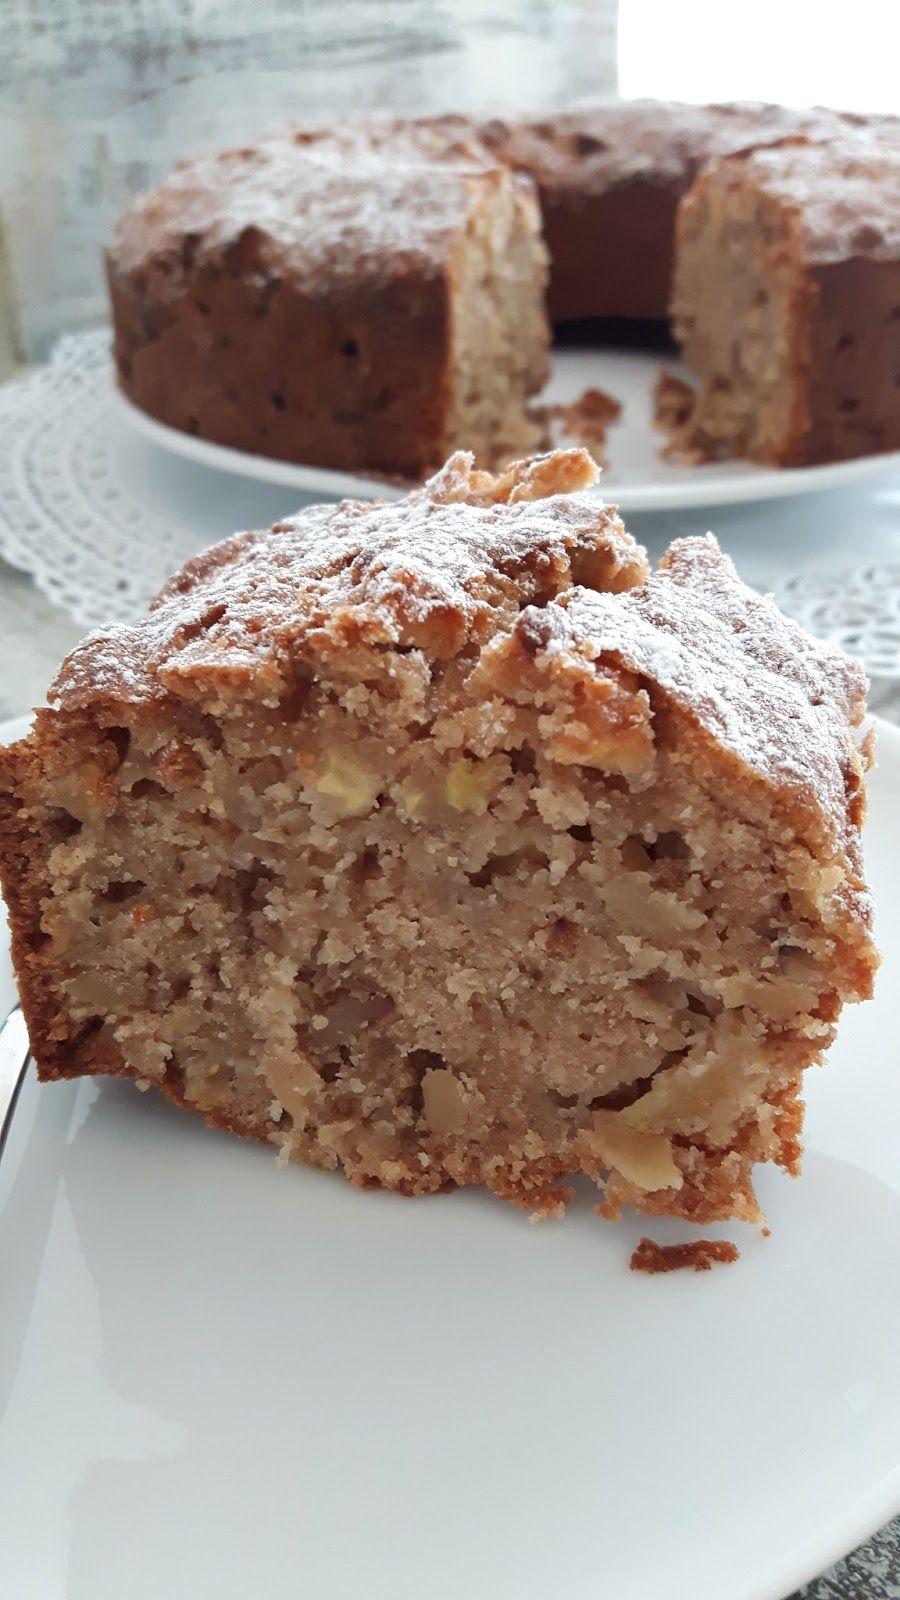 Ein Saftiger Traum Apfel Walnuss Kuchen Kuchen Trocken